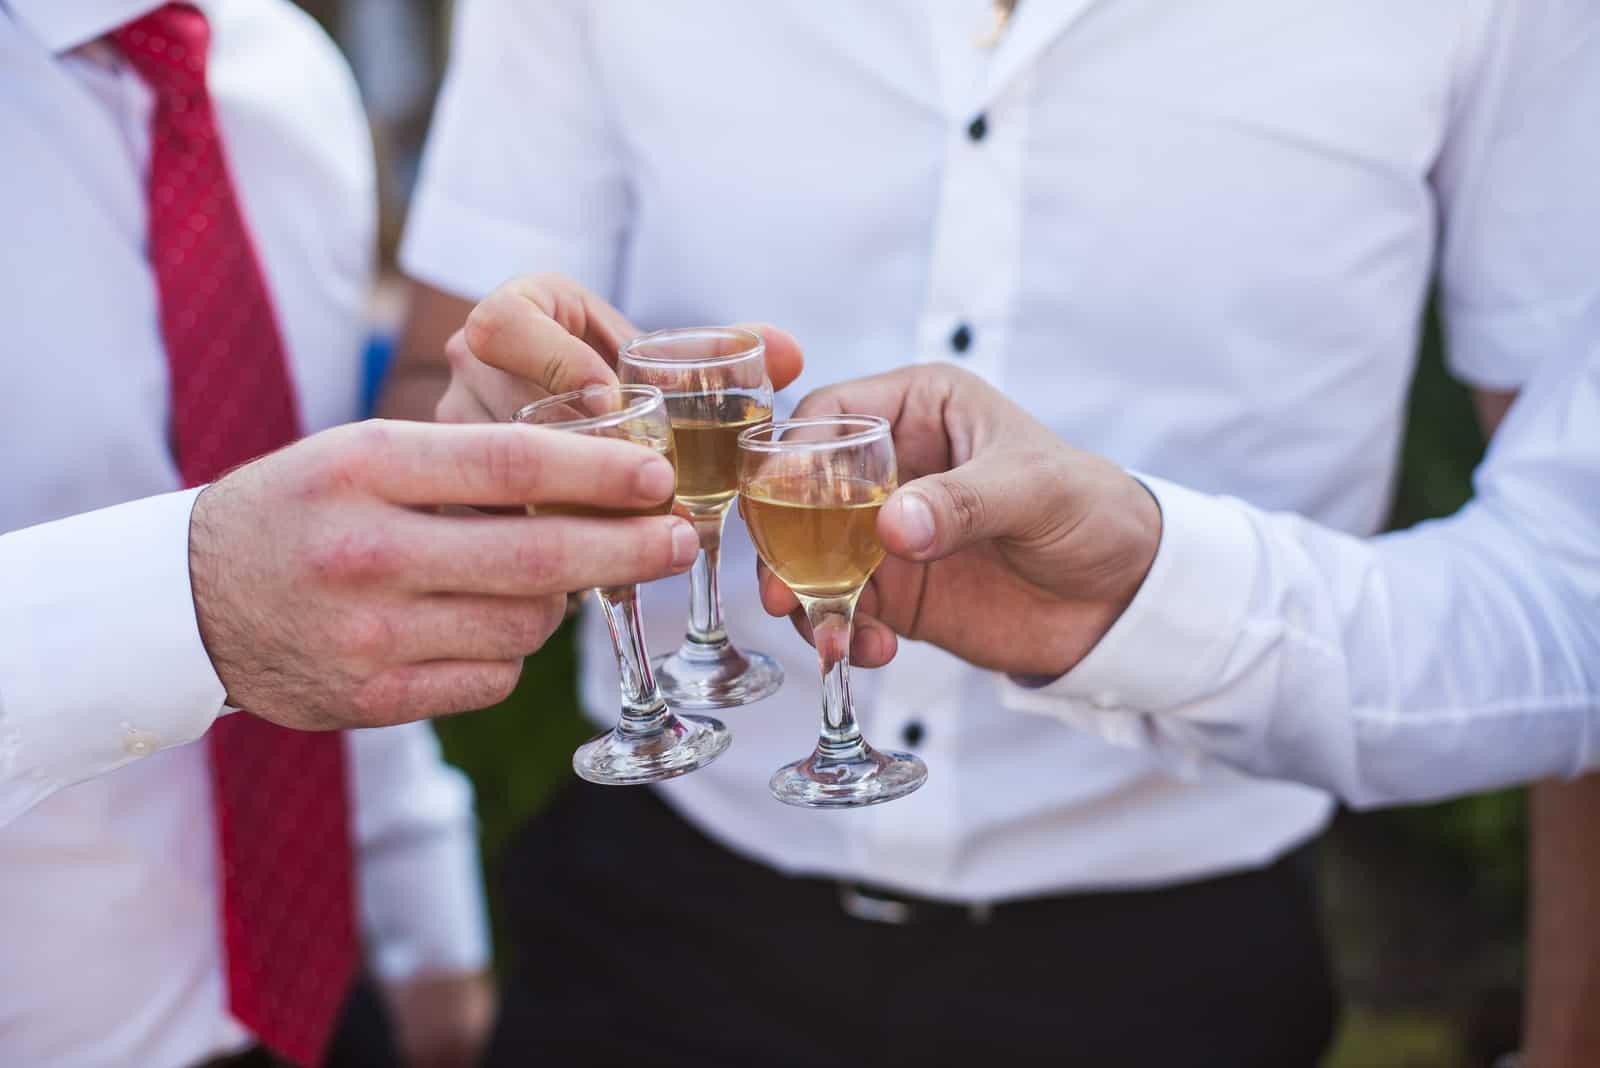 Brudgummen vänner som dricker på bröllopet